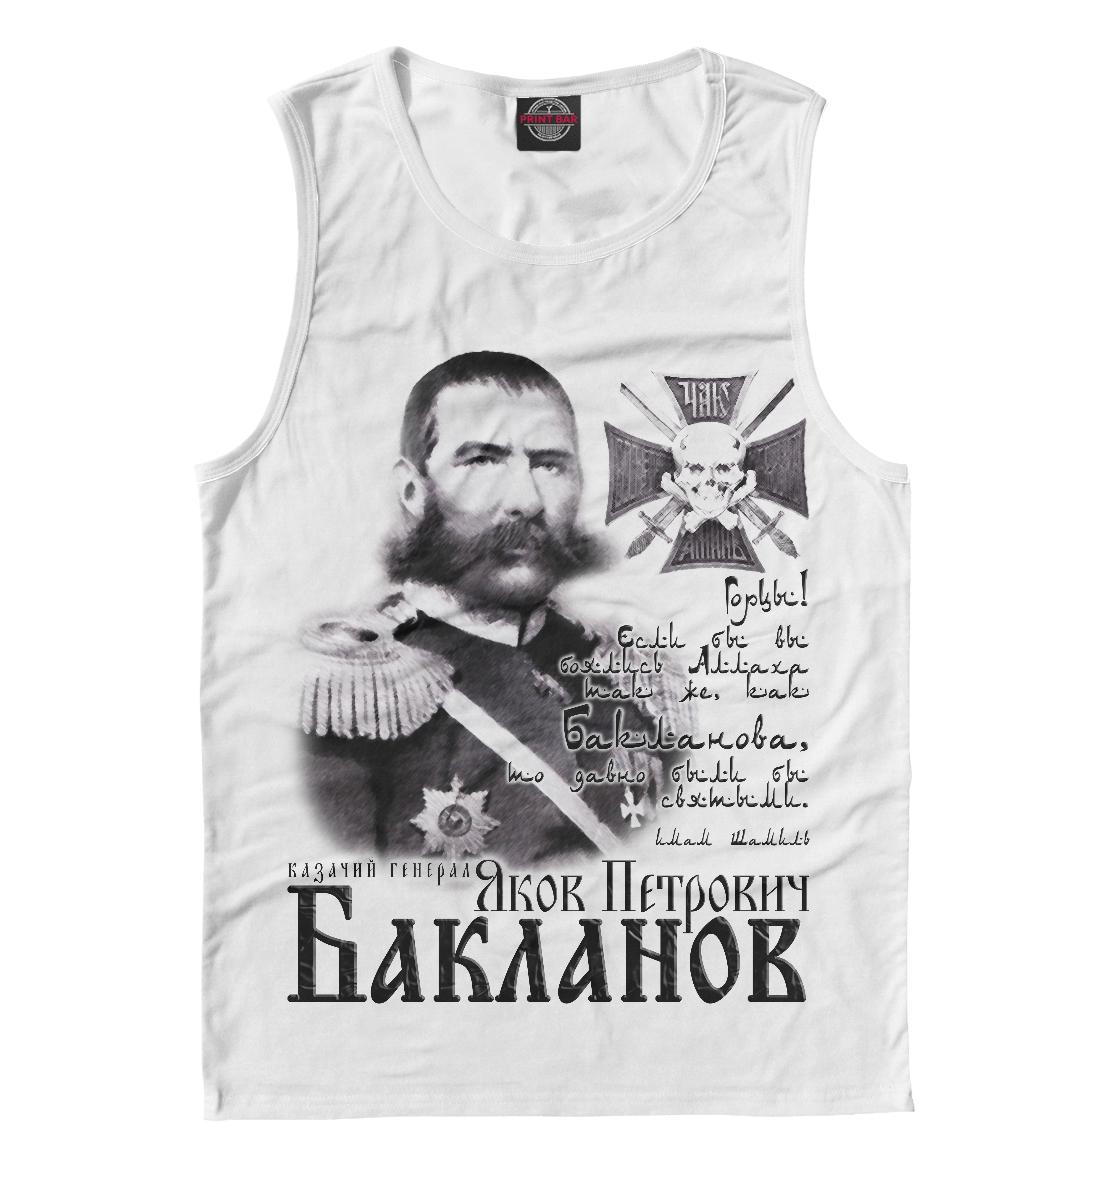 Генерал Бакланов бакланов г пядь земли